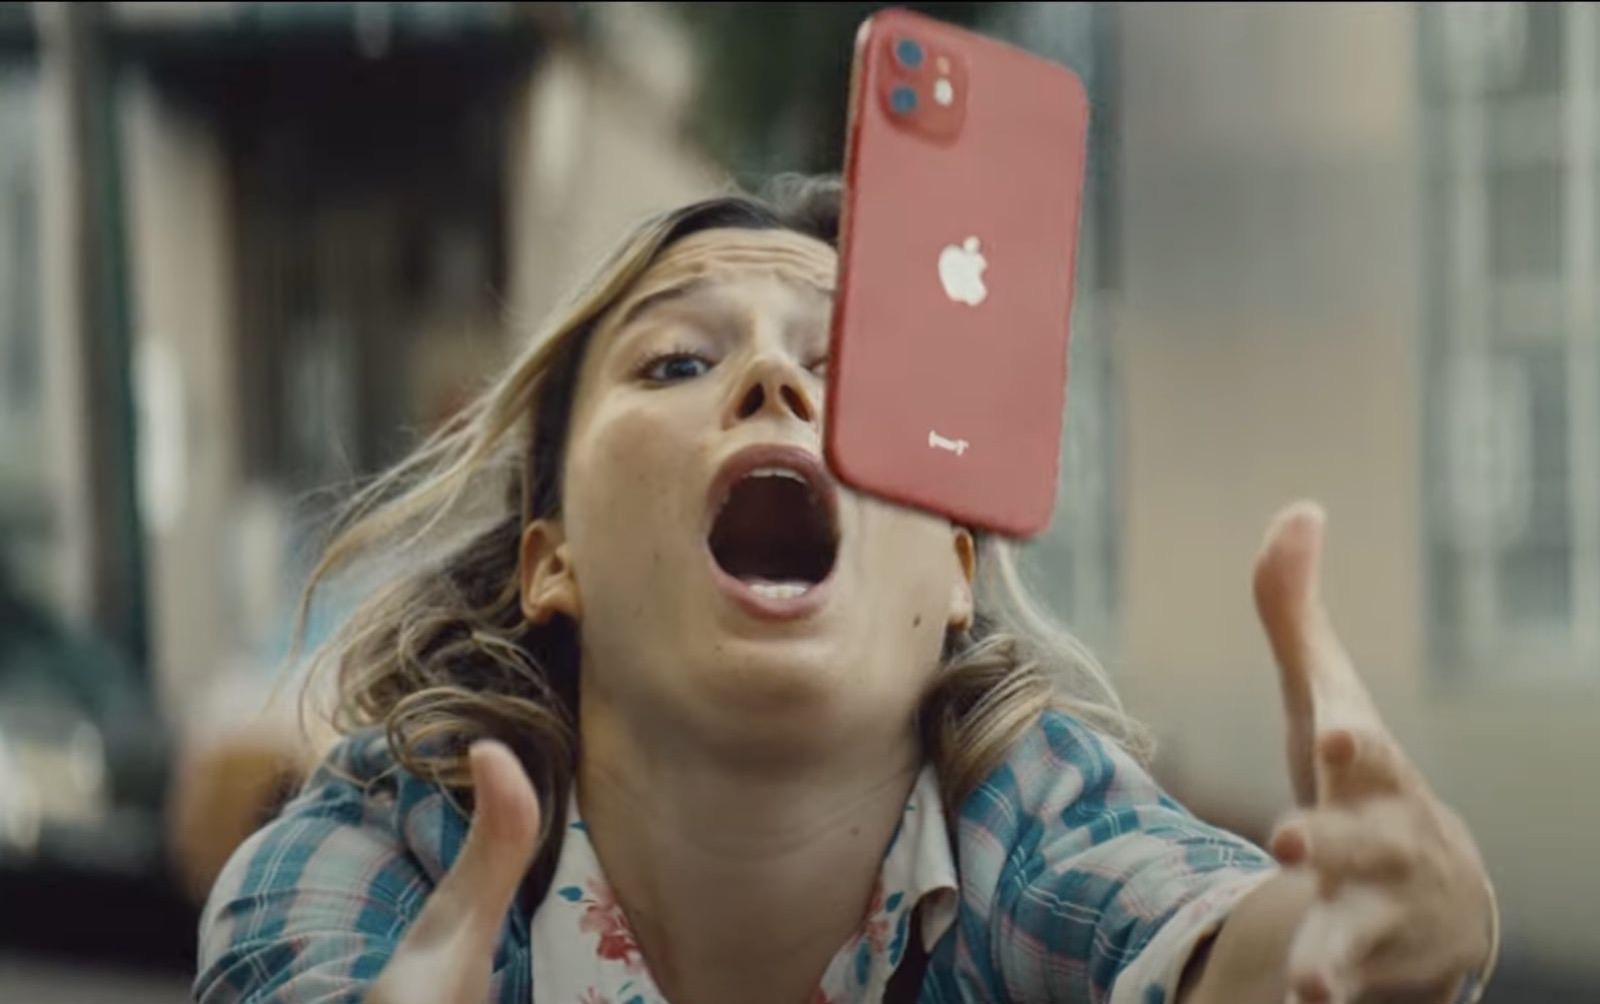 Iphone 12 ceramic shield apeal cm